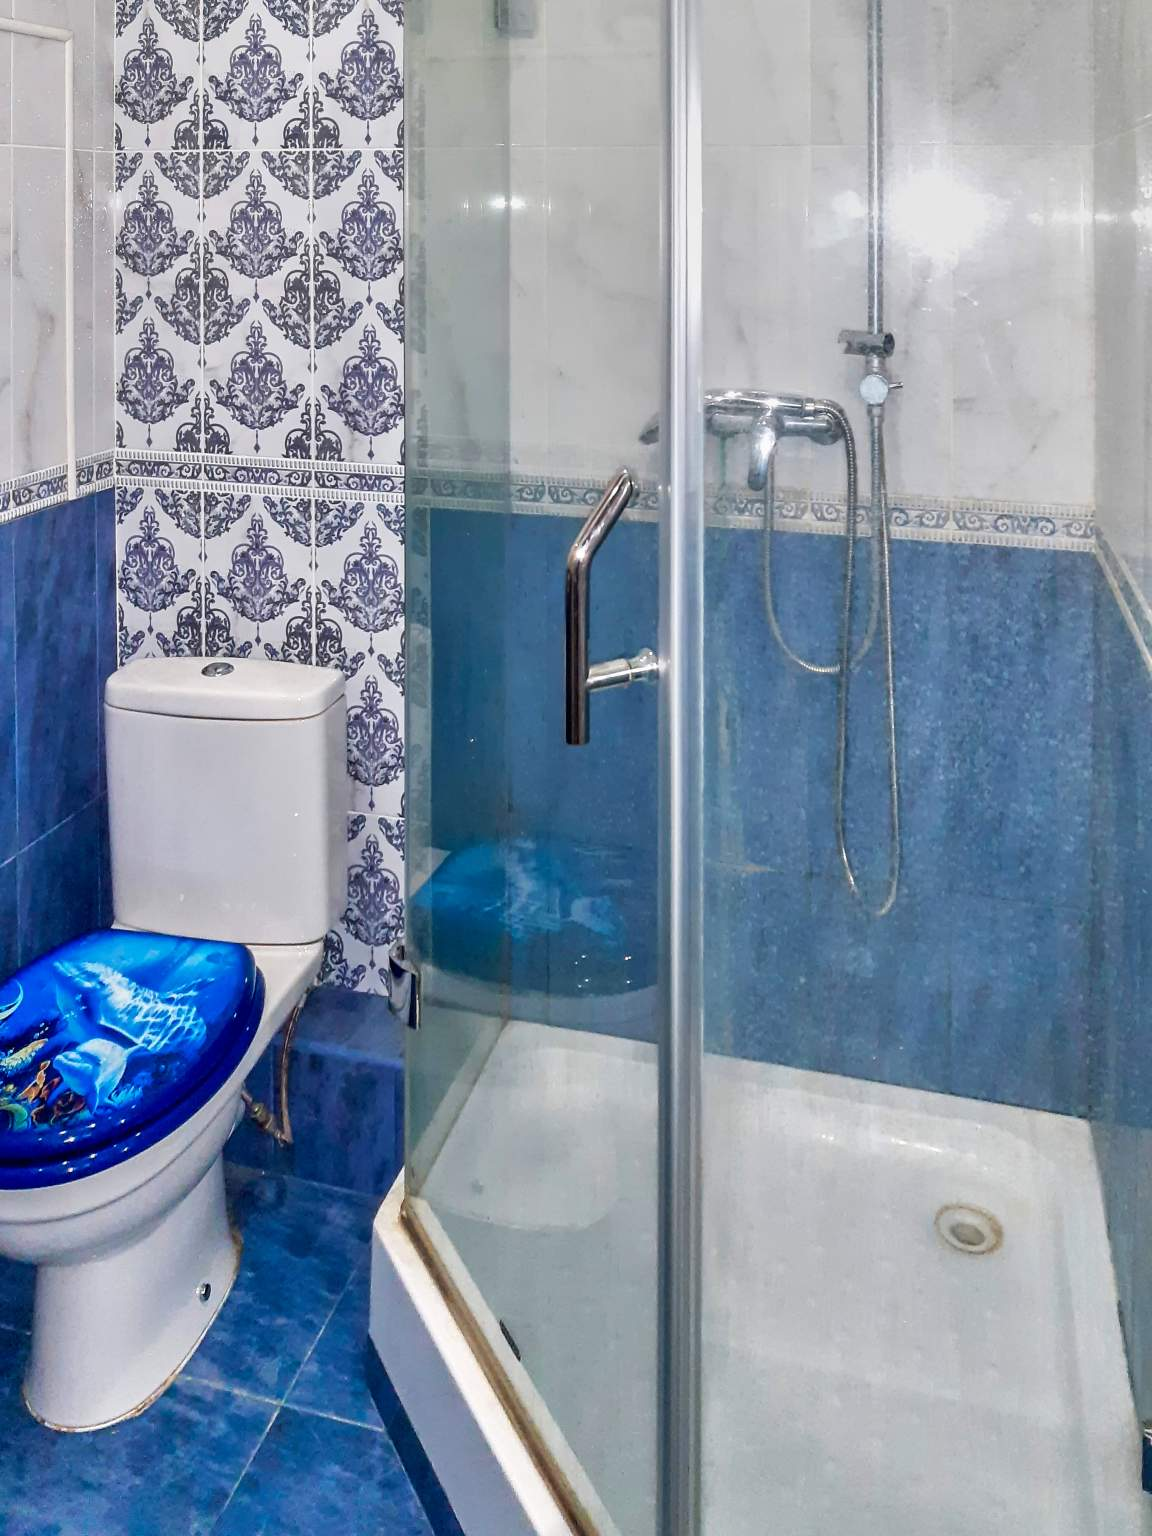 Квартира на продажу по адресу Россия, Московская обл, Красногорск, Лесная улица, 12